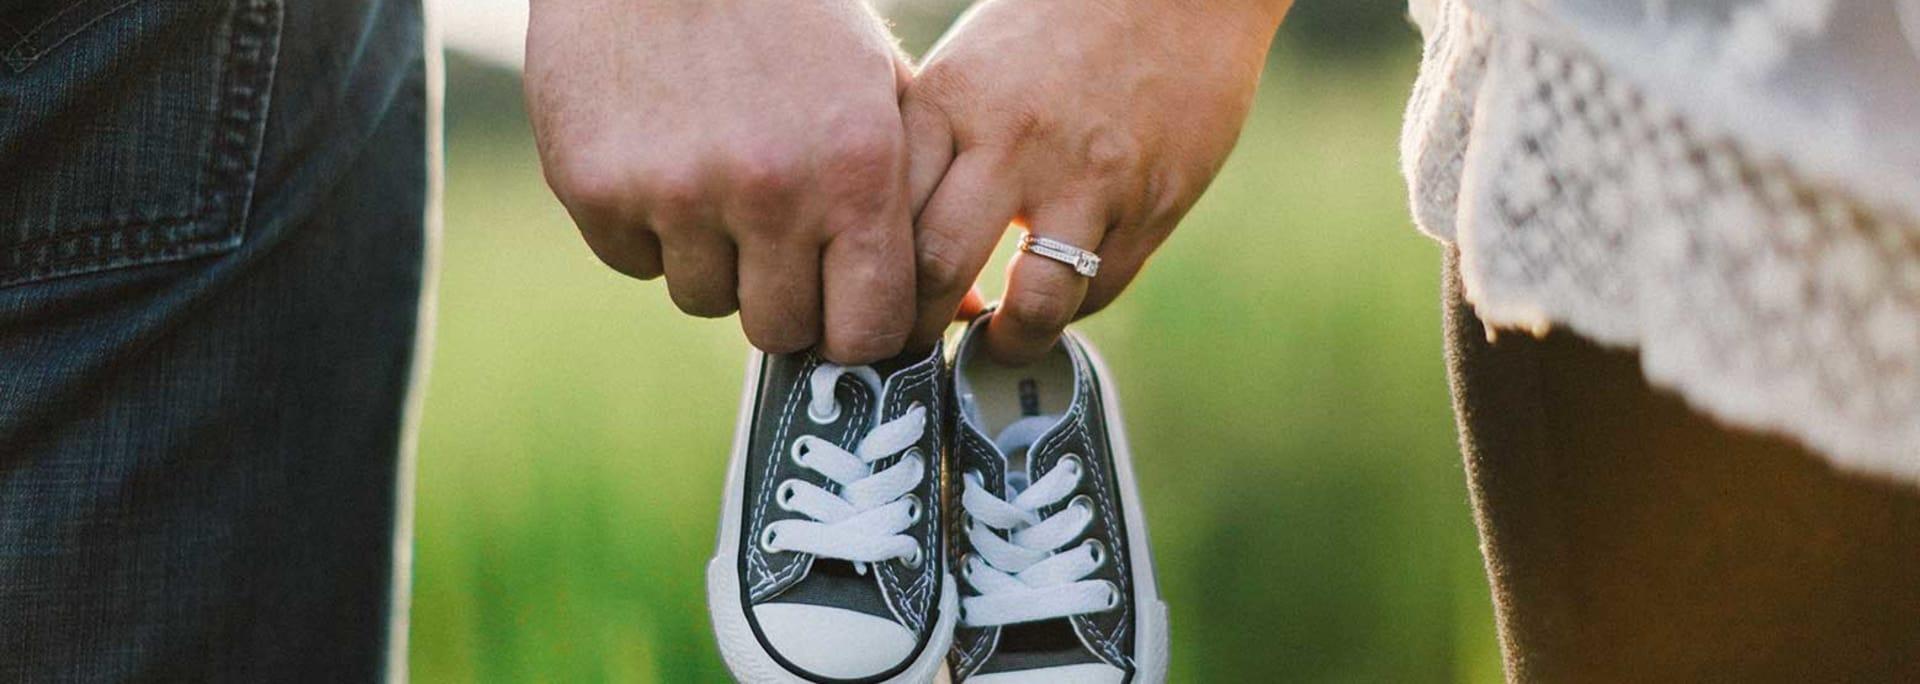 Föräldrar gravida, håller babyskor i handen